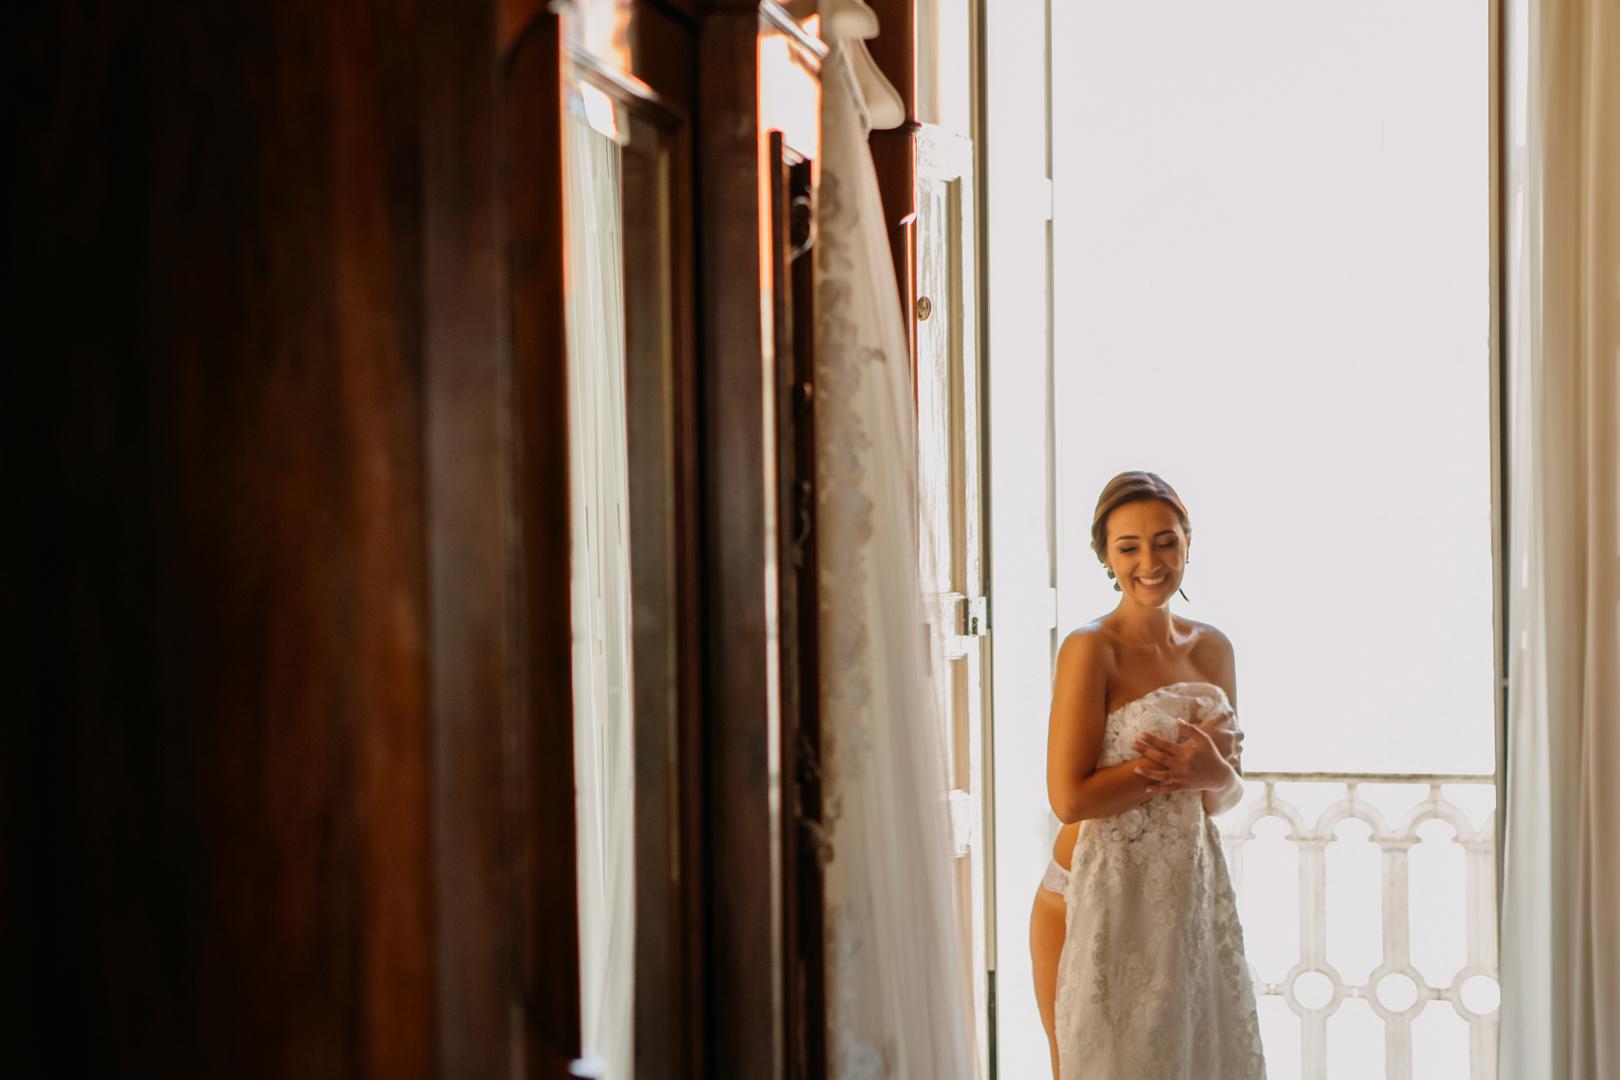 19 gianni-lepore-weddingdress-abito-sposa-getting-ready-bride-sposa-dettagli-